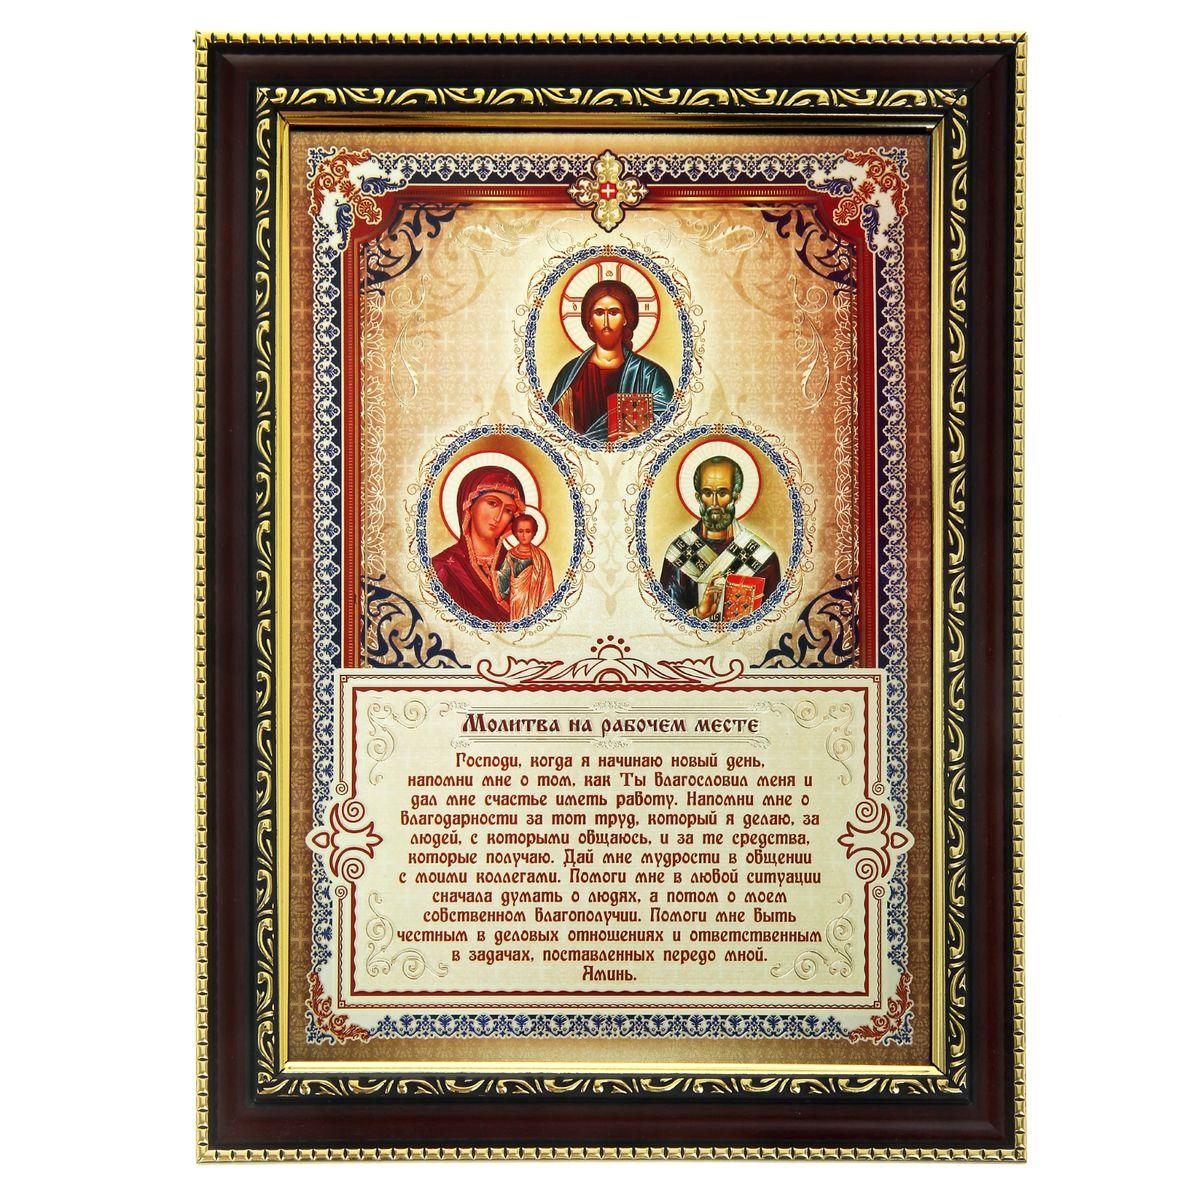 Икона с молитвой Молитва на рабочем месте, 26 х 34,5 см54 009312Икона Молитва на рабочем месте состоит из деревянной рамки с пластиковым орнаментом и со стеклом, в которую вставлен фольгированный лист с изображением православной иконы и молитвы. С задней стороны имеется ножка для удобного размещения на плоской горизонтальной поверхности. Изображенный образ полностью соответствует канонам Русской Православной Церкви.Такая икона в рамке привнесет в ваш дом согласие и мир и будет прекрасным подарком, оберегающим близких вам людей.